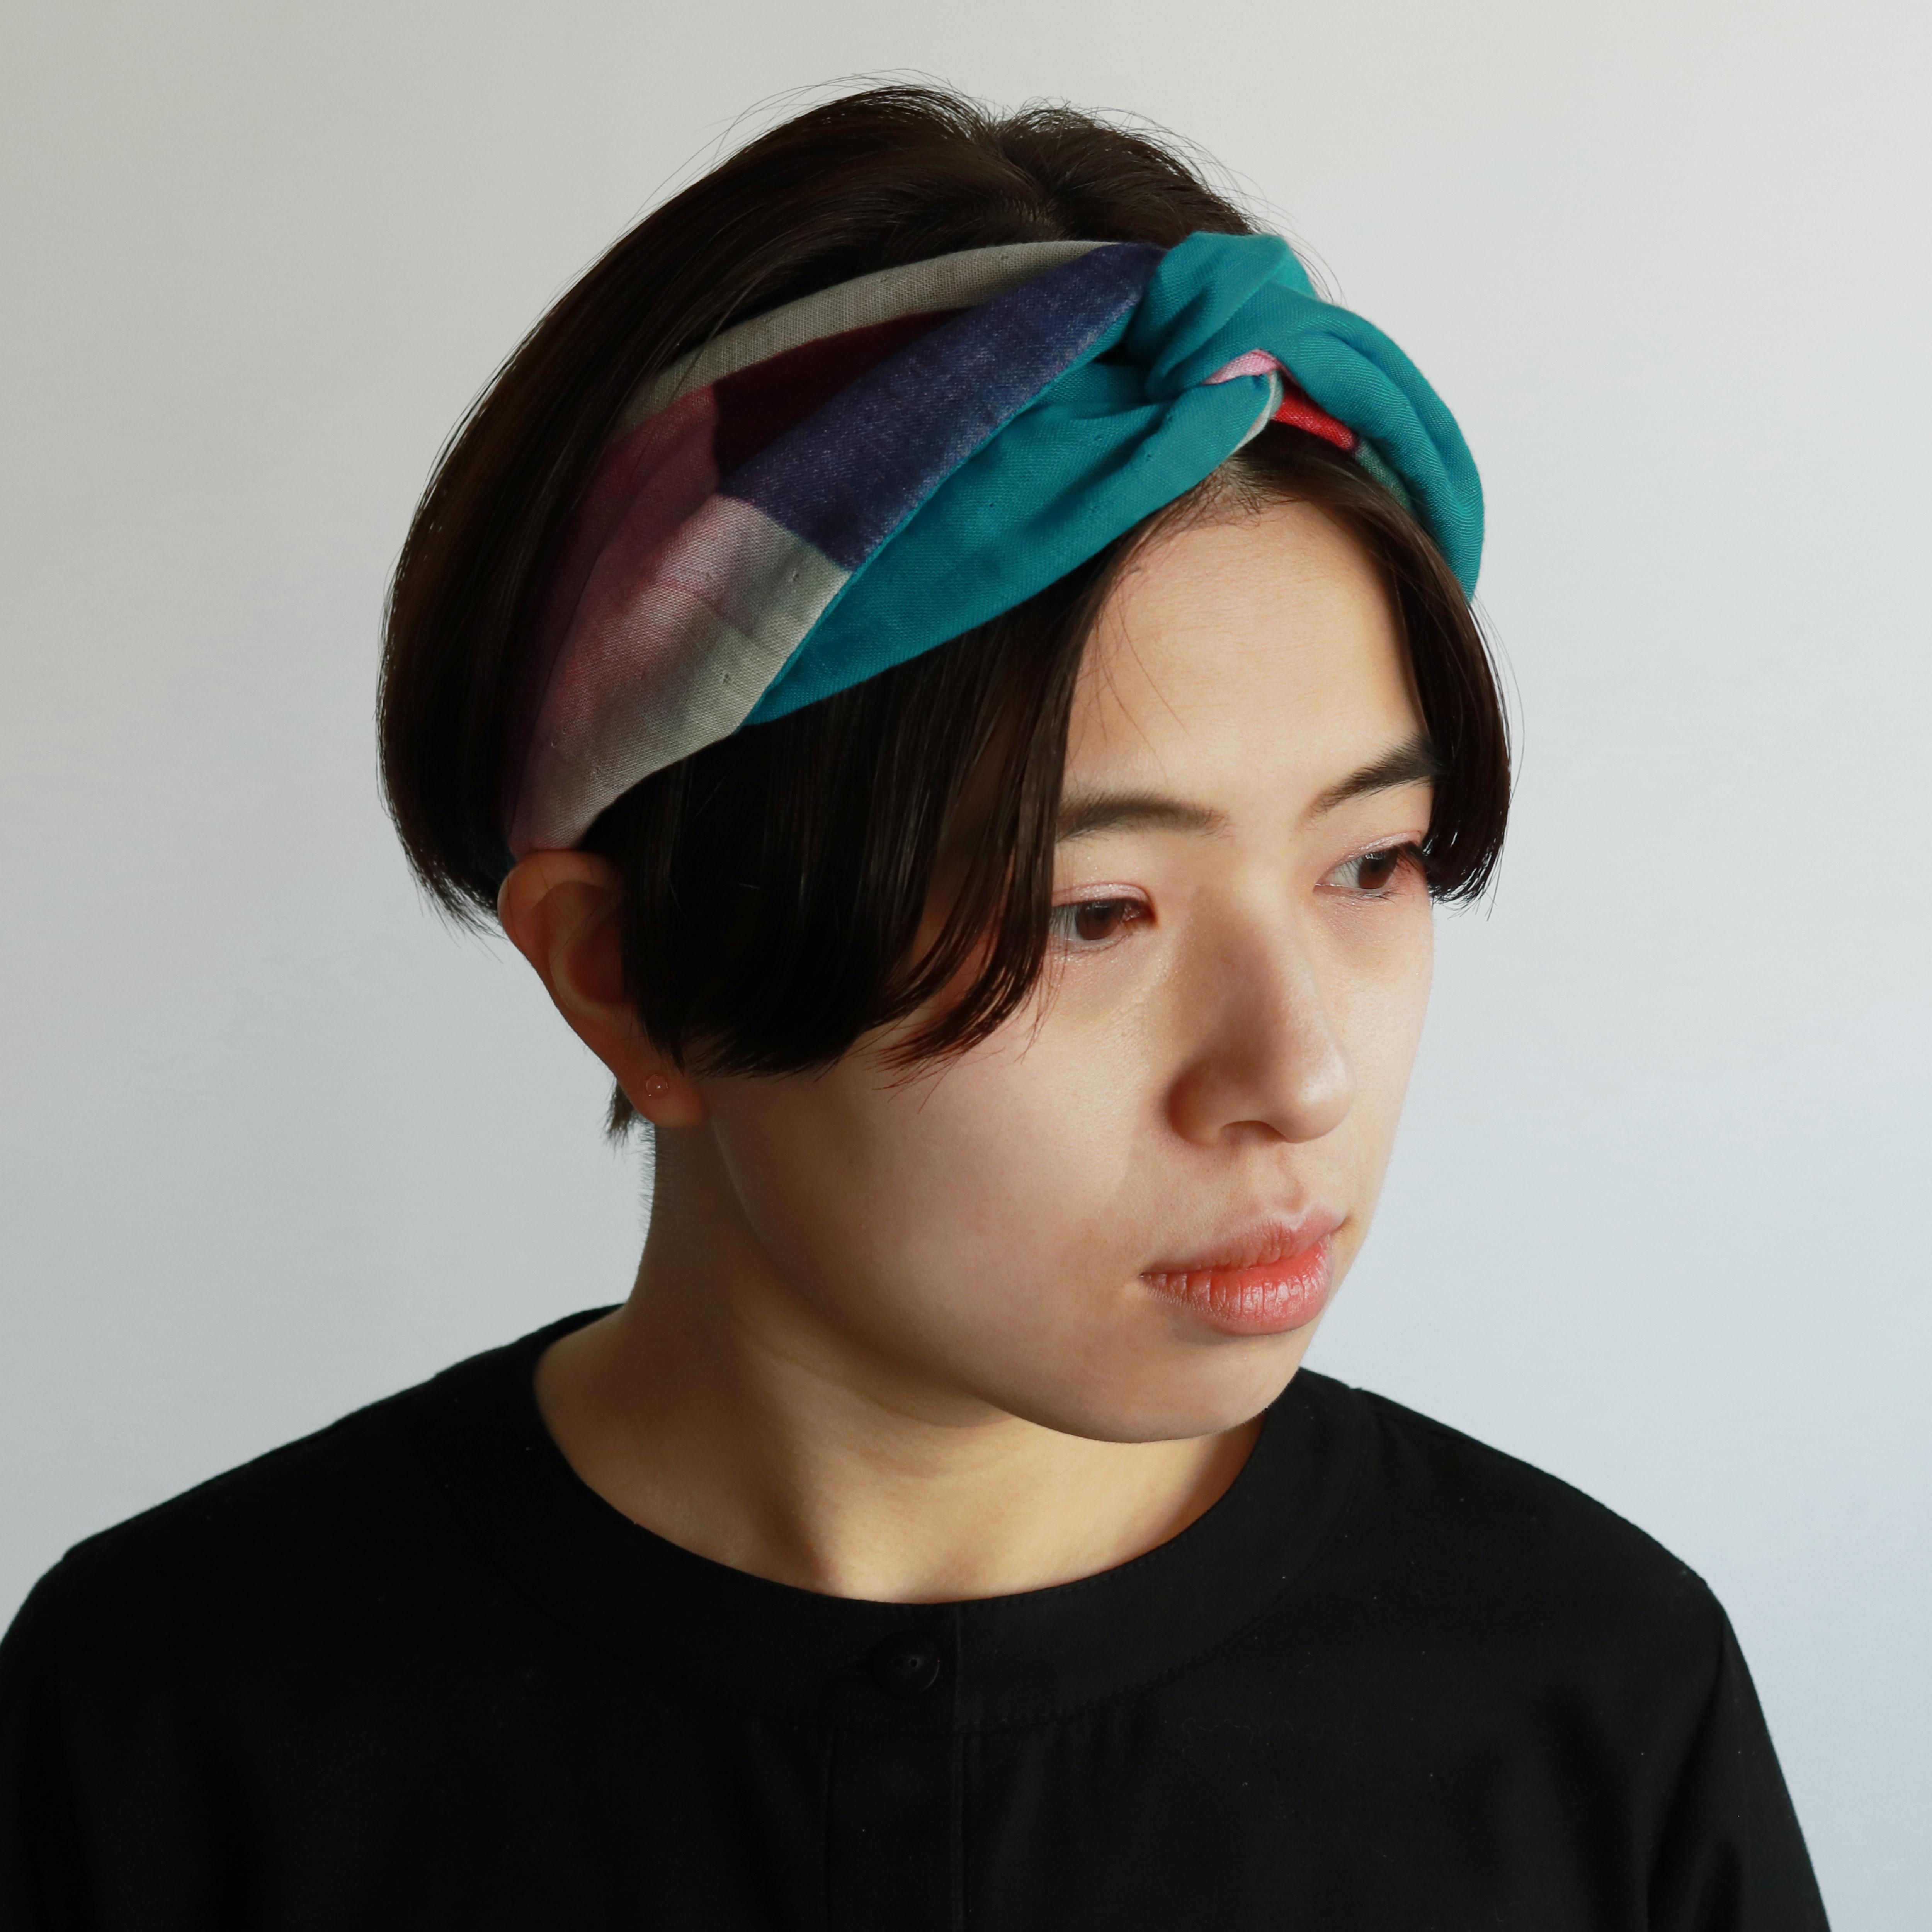 サステナブルな一点もの HAIR TURBAN-6colors